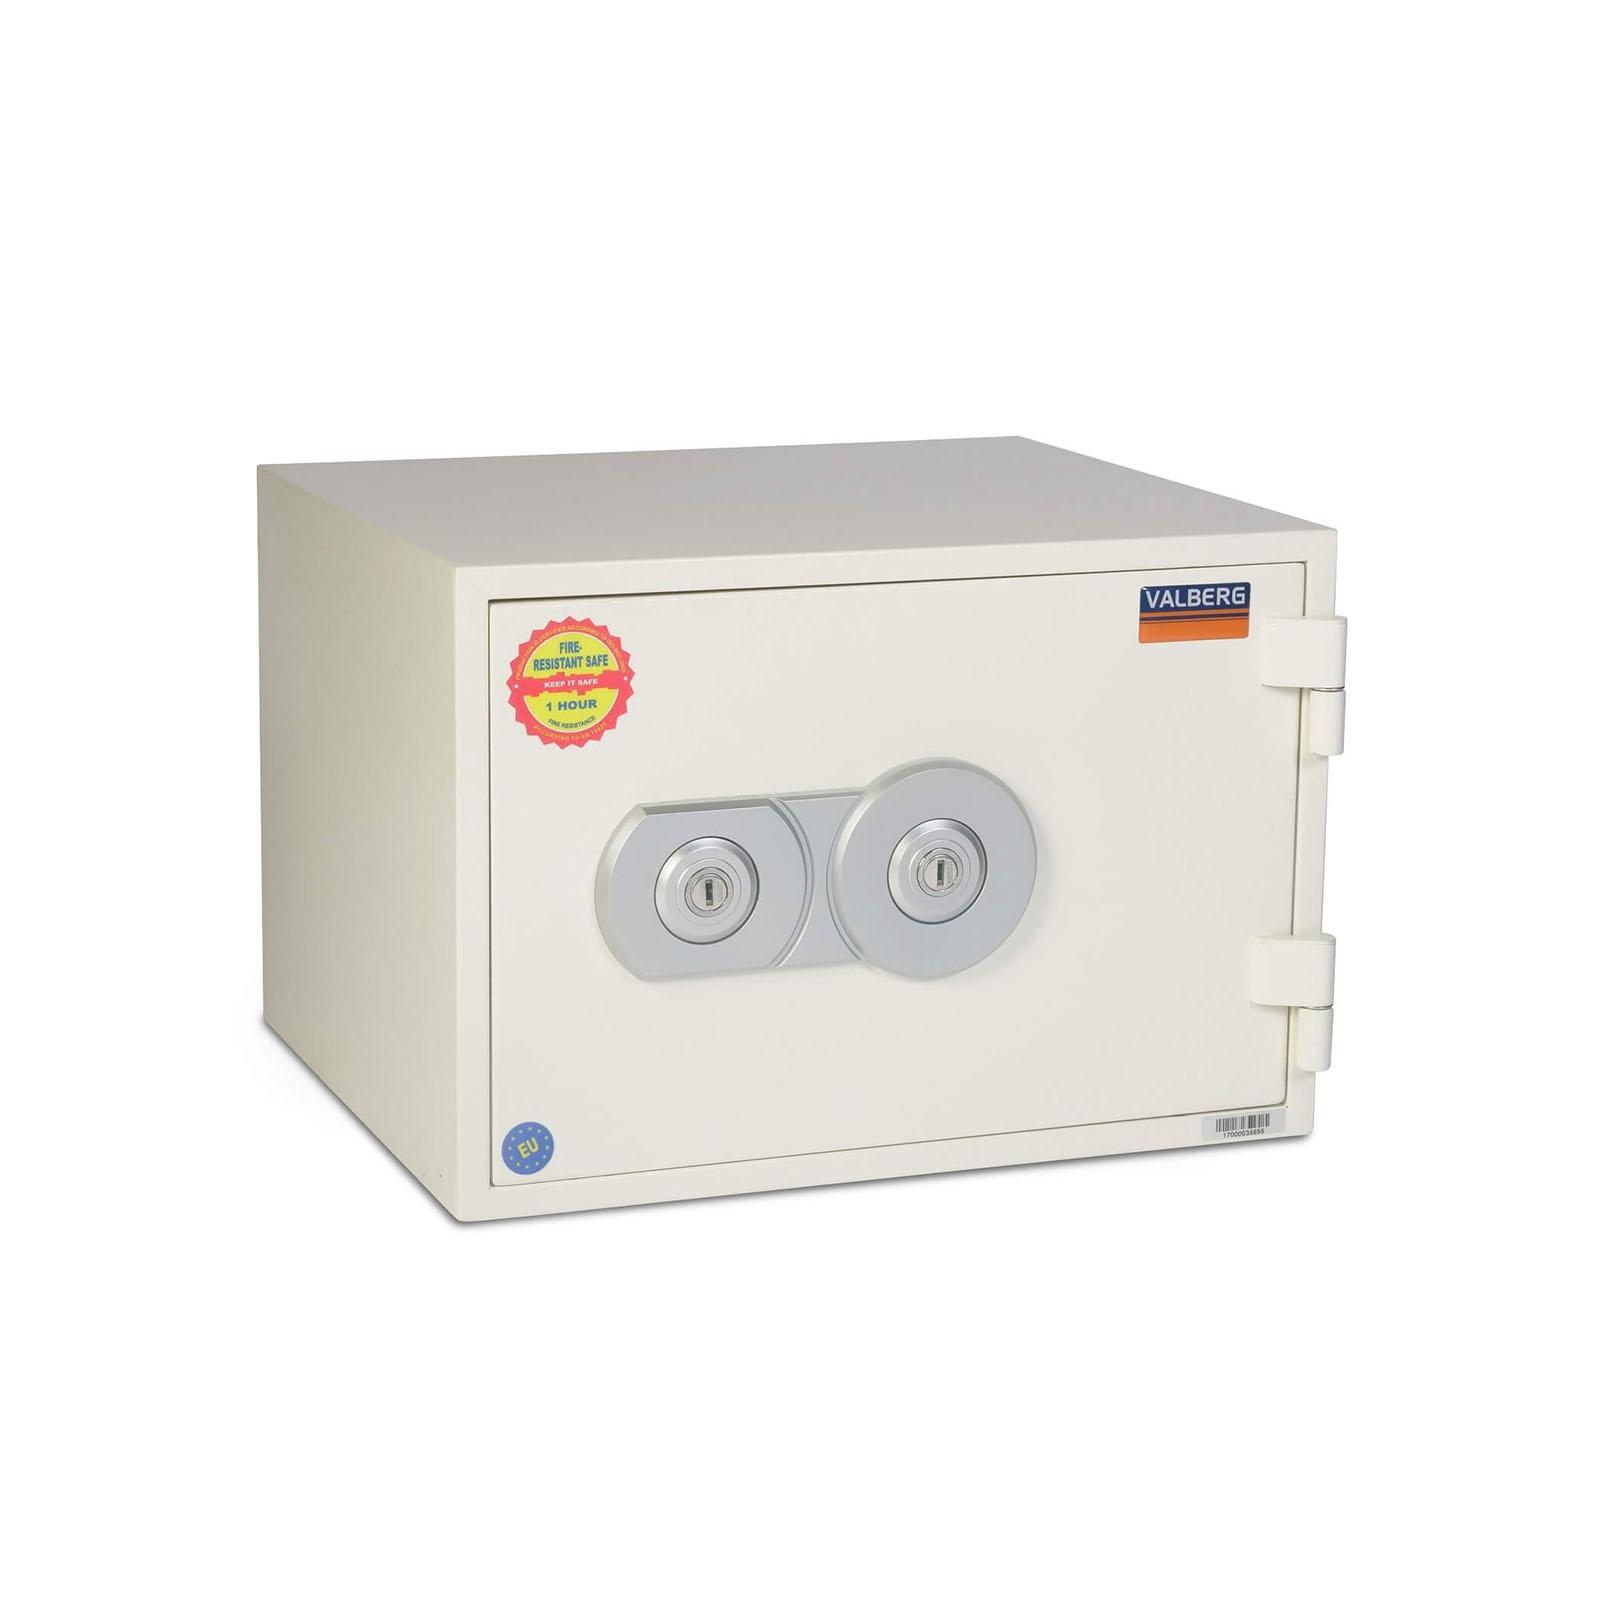 Valberg FRS-30 KL 2-Keylock Fire Resistant Safe